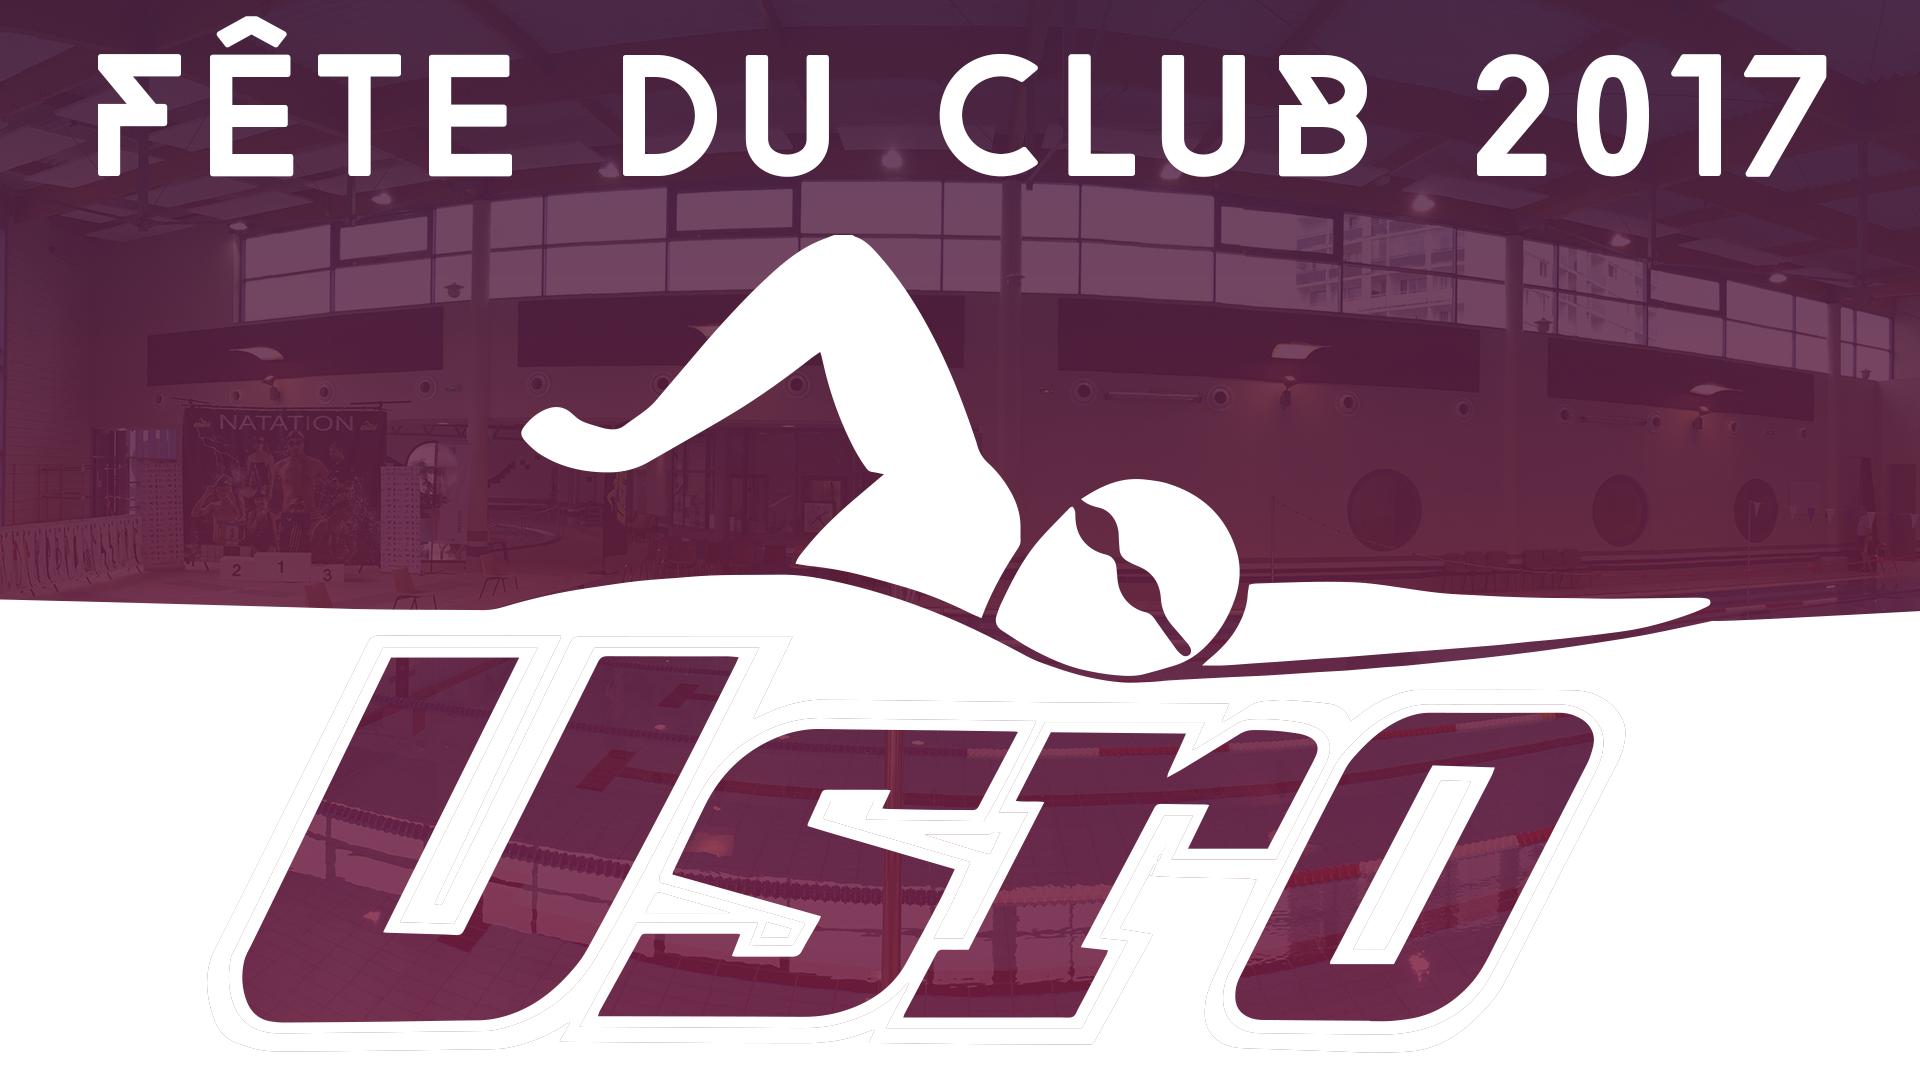 Fe te du club 2017